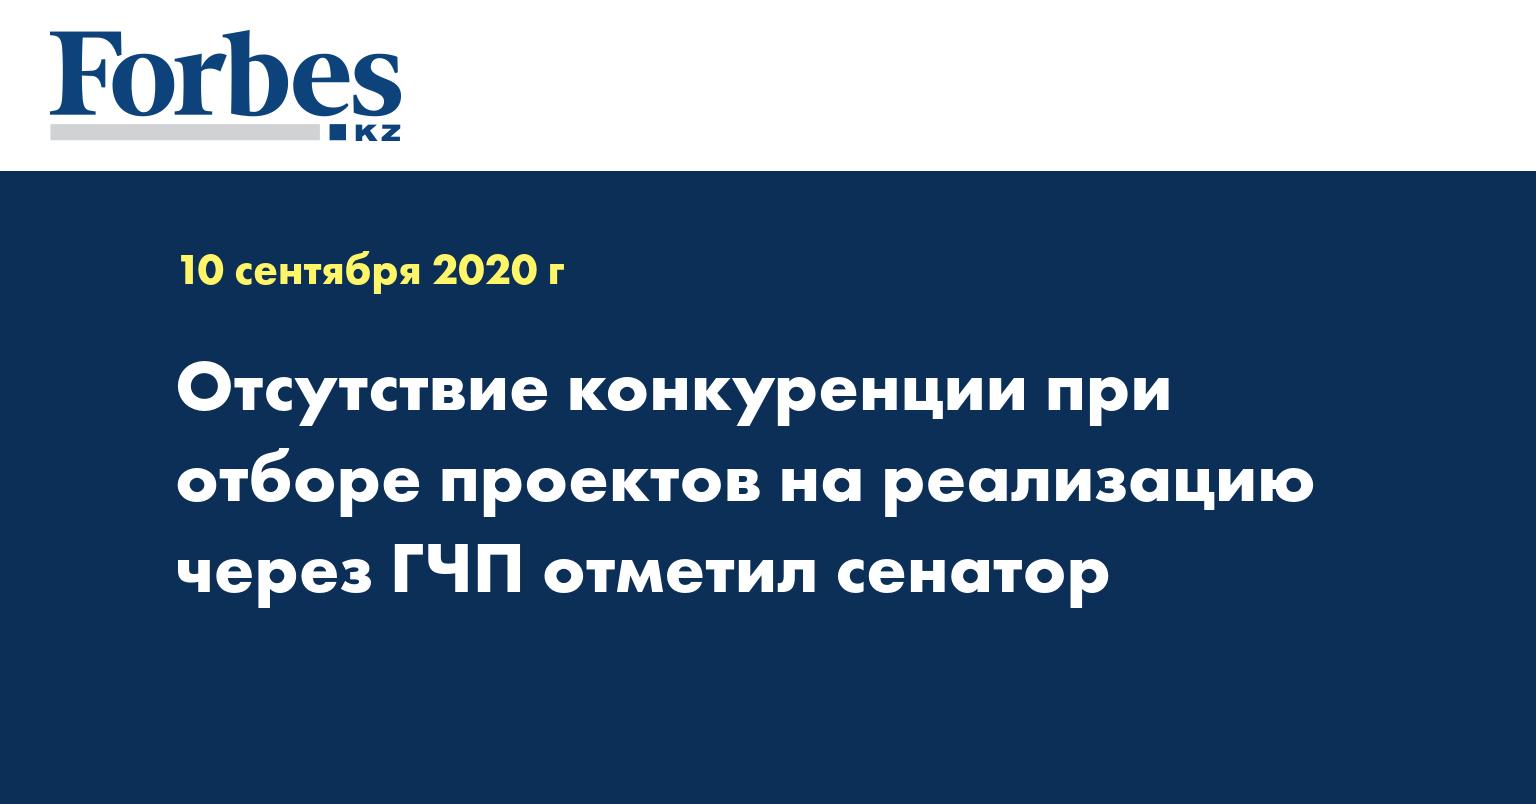 Отсутствие конкуренции при отборе проектов на реализацию через ГЧП отметил сенатор